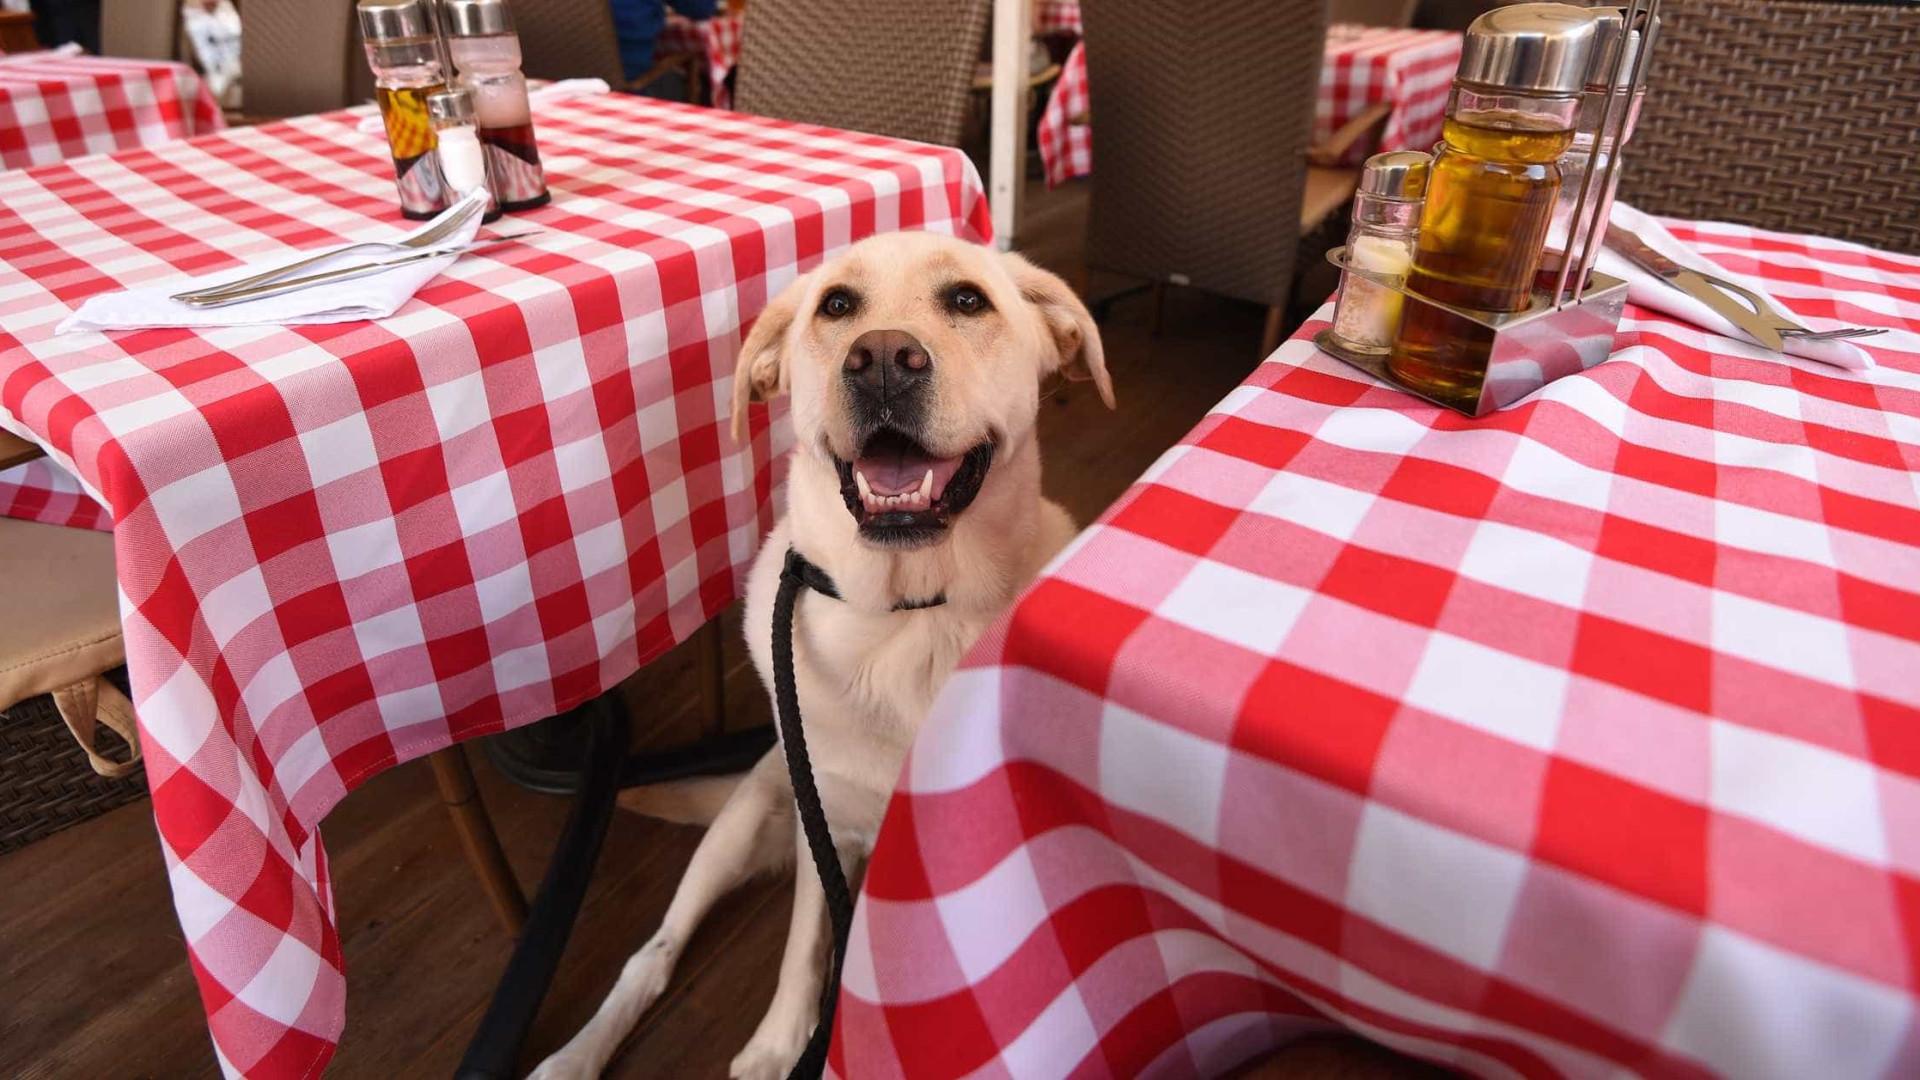 Parlamento discute permissão para animais de companhia em restaurantes